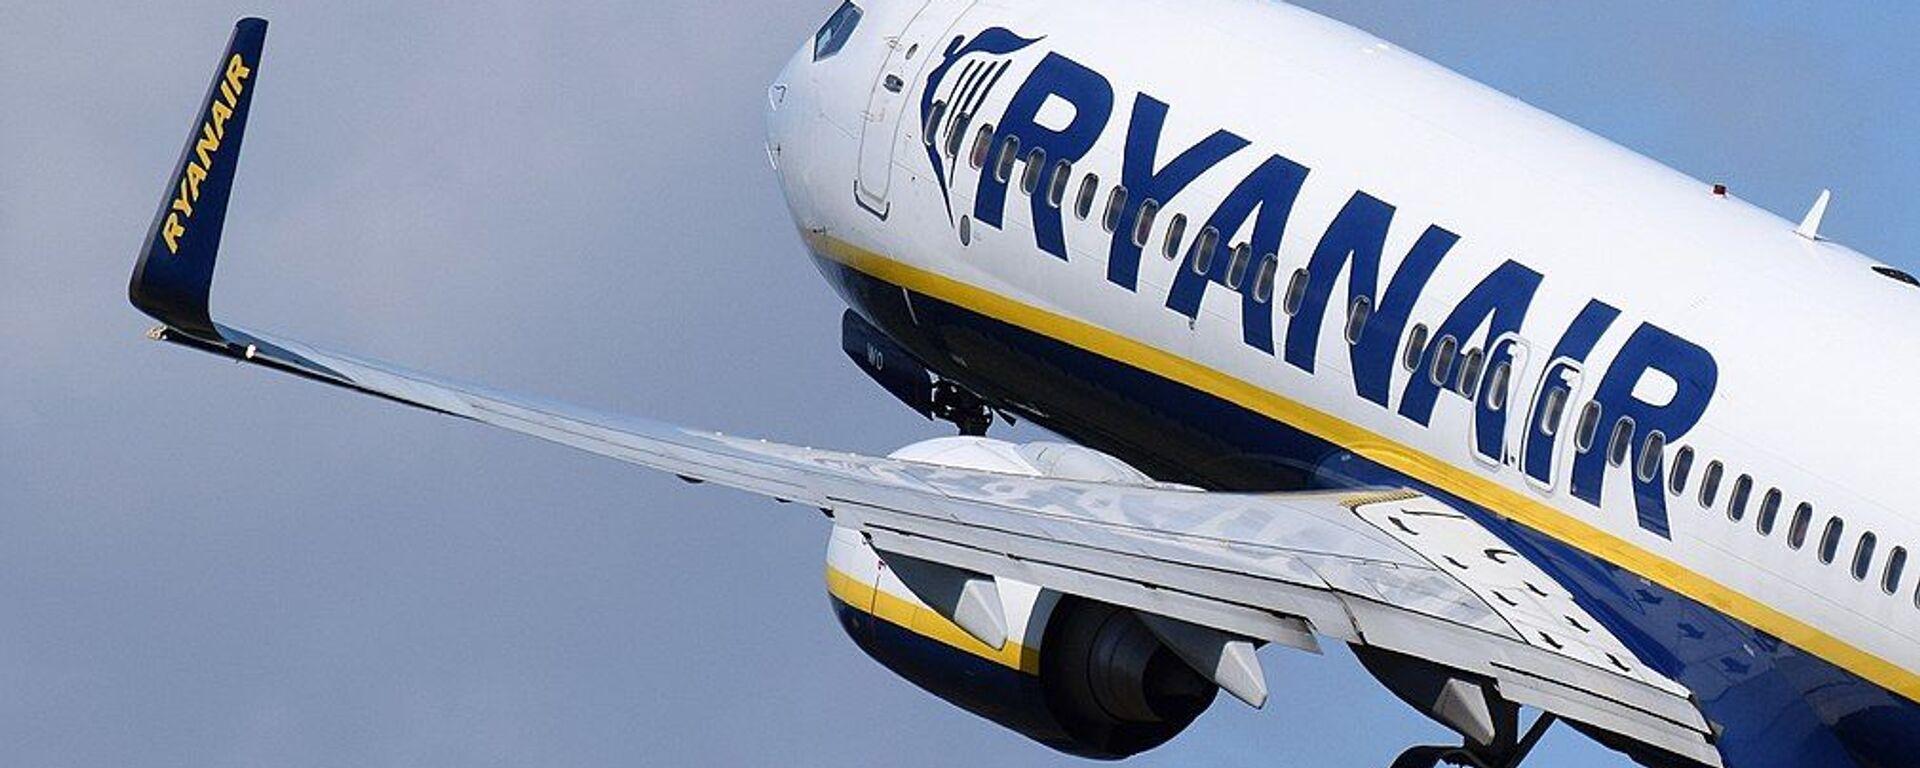 Un aereo di Ryanair - Sputnik Italia, 1920, 24.03.2021